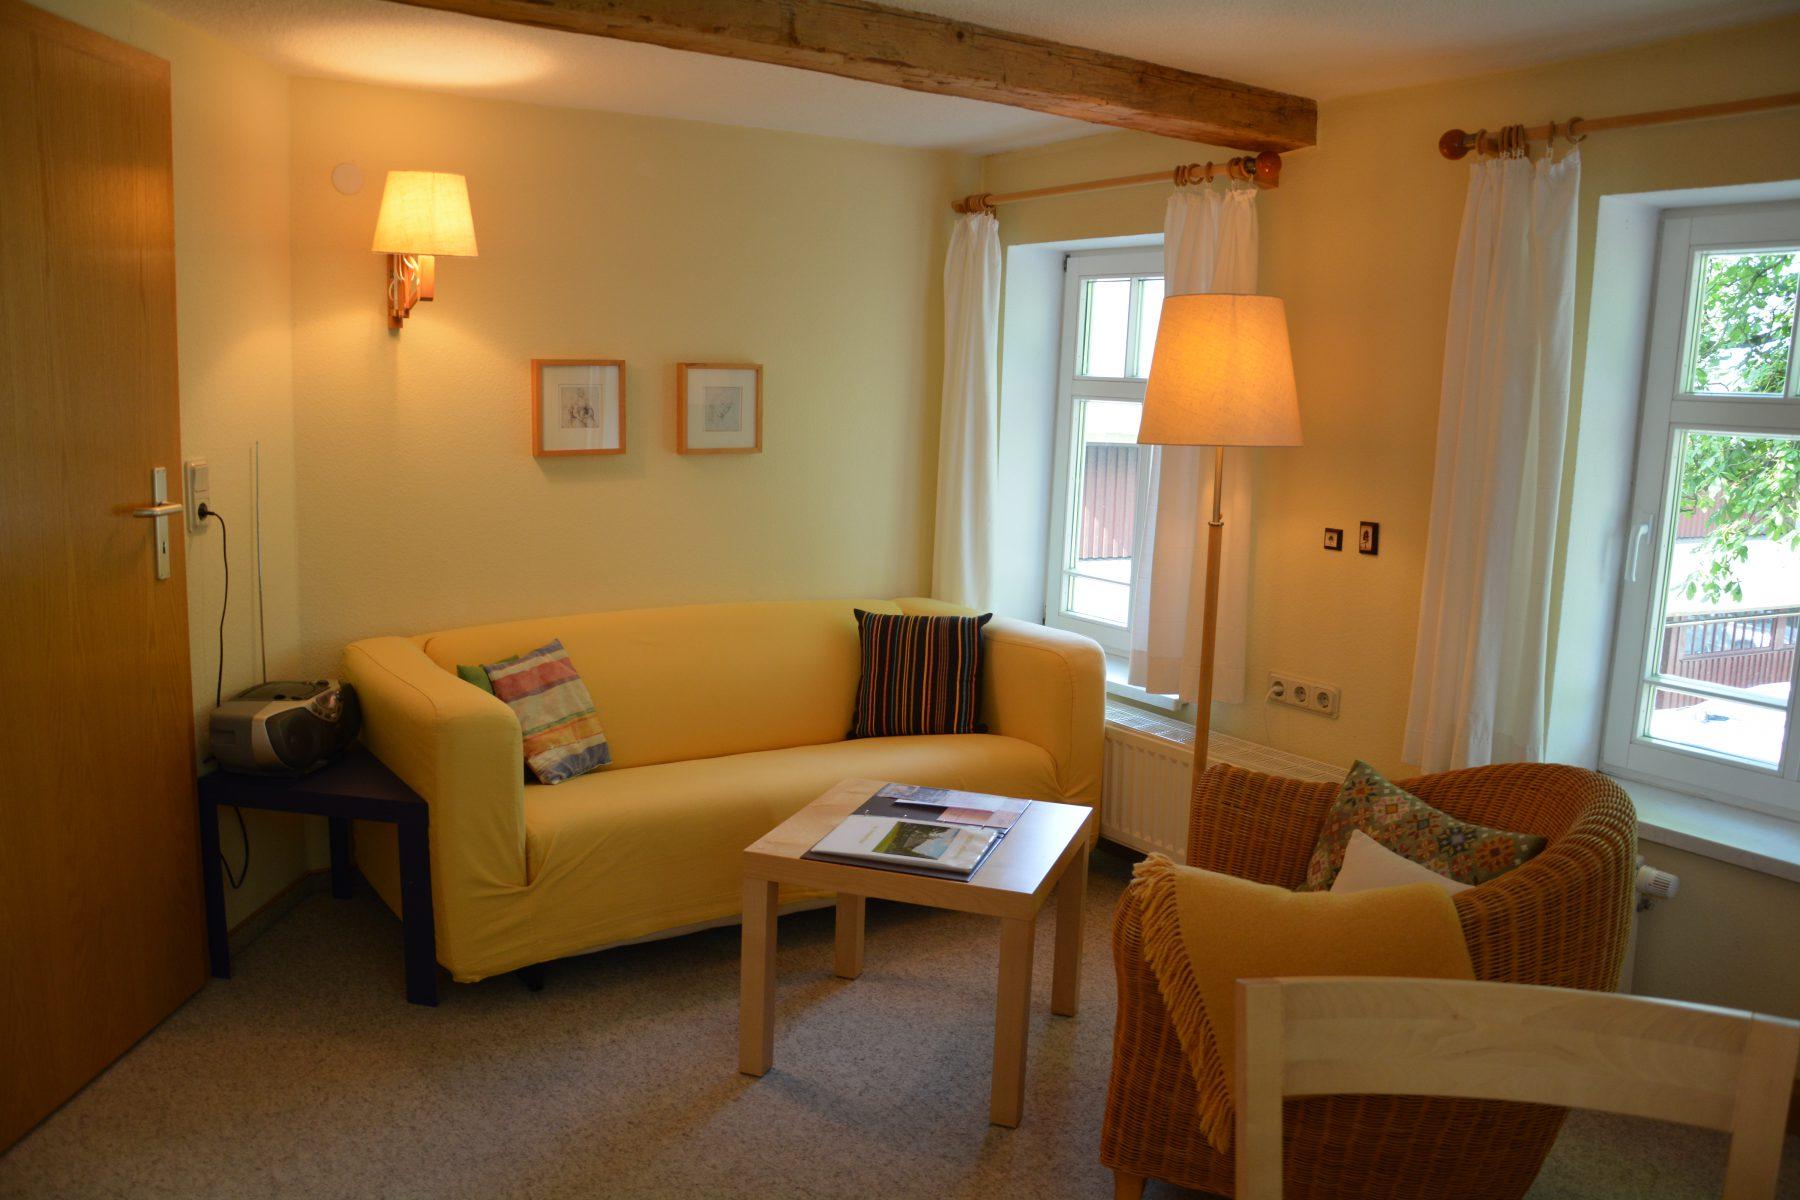 Ferienwohnung im Verlegerhaus Kat N3a Detail Wohnzimmer